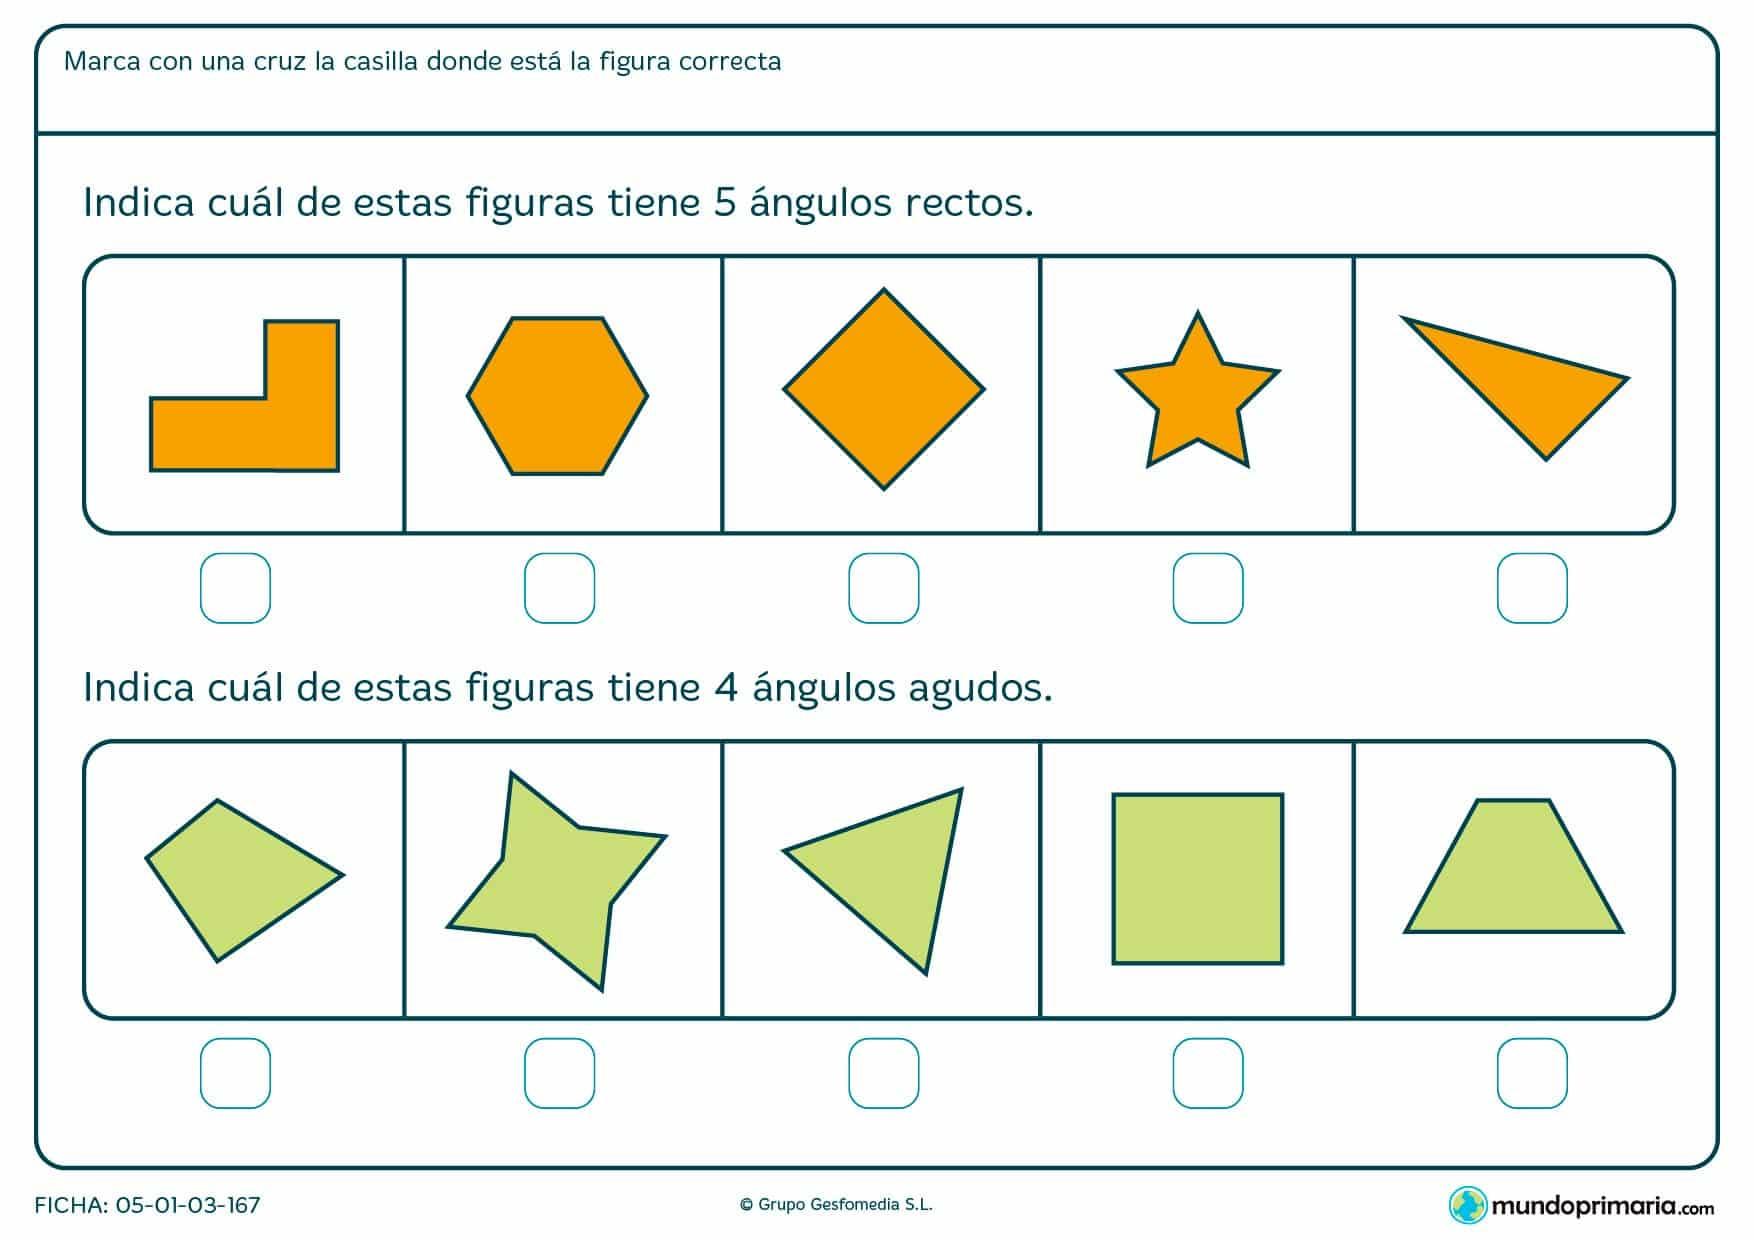 Ficha de diferentes ángulos para contar de varias figuras geométricas y averiguar cuál es la que te nombramos.